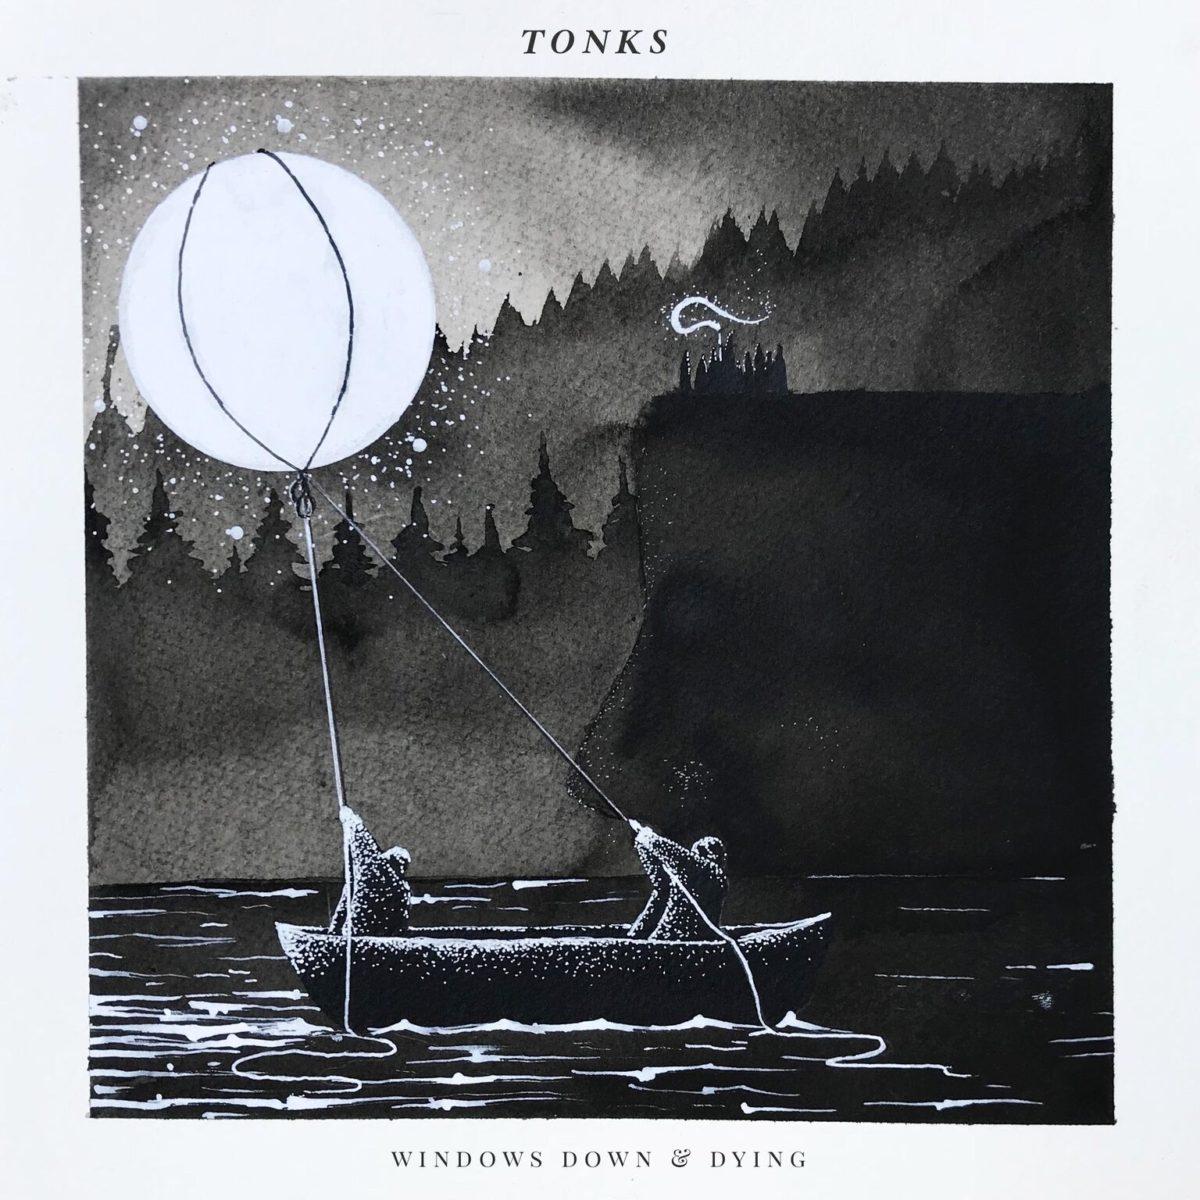 TONKS album cover